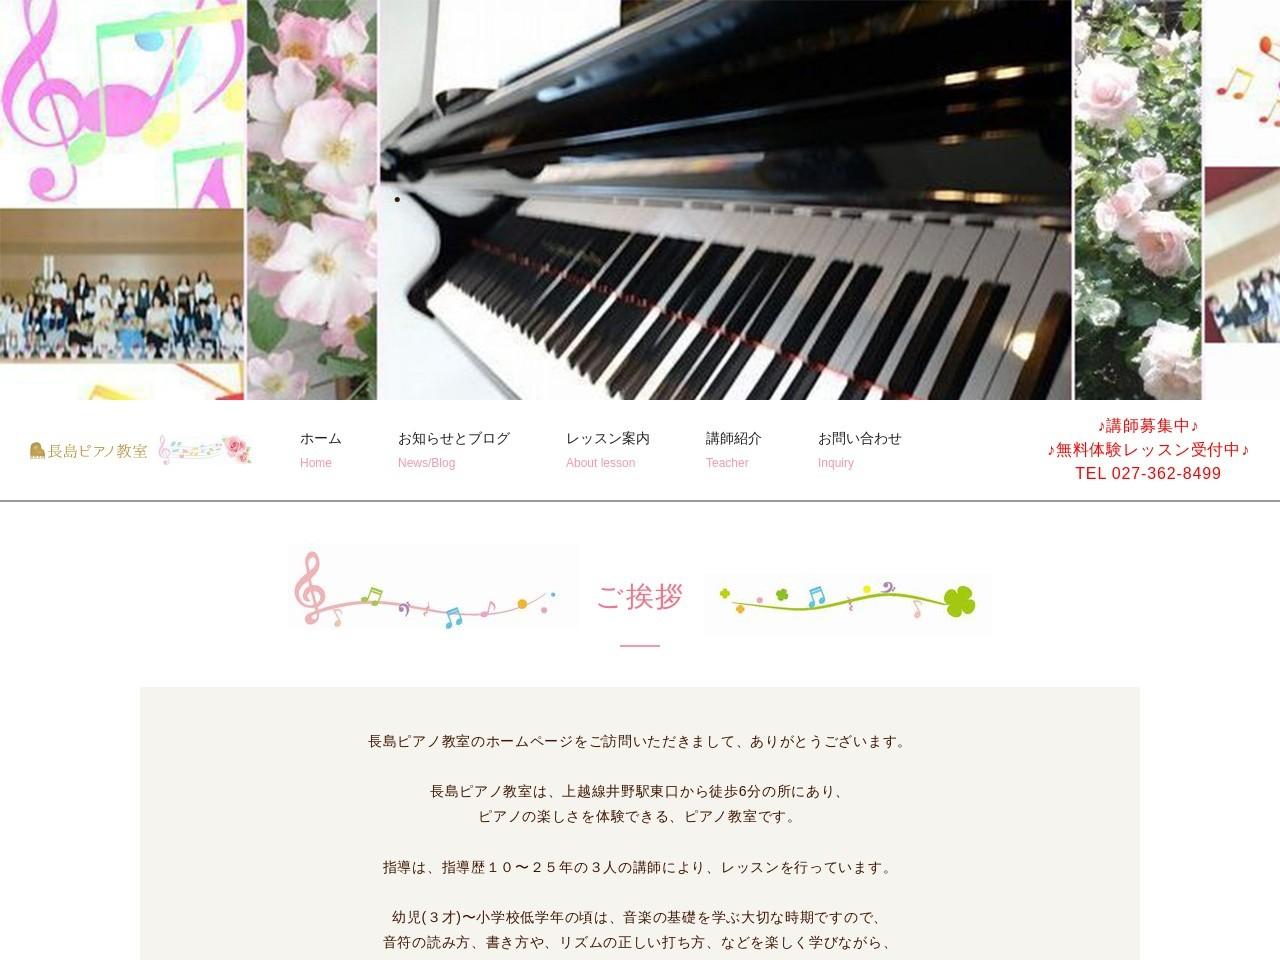 長島ピアノ教室のサムネイル